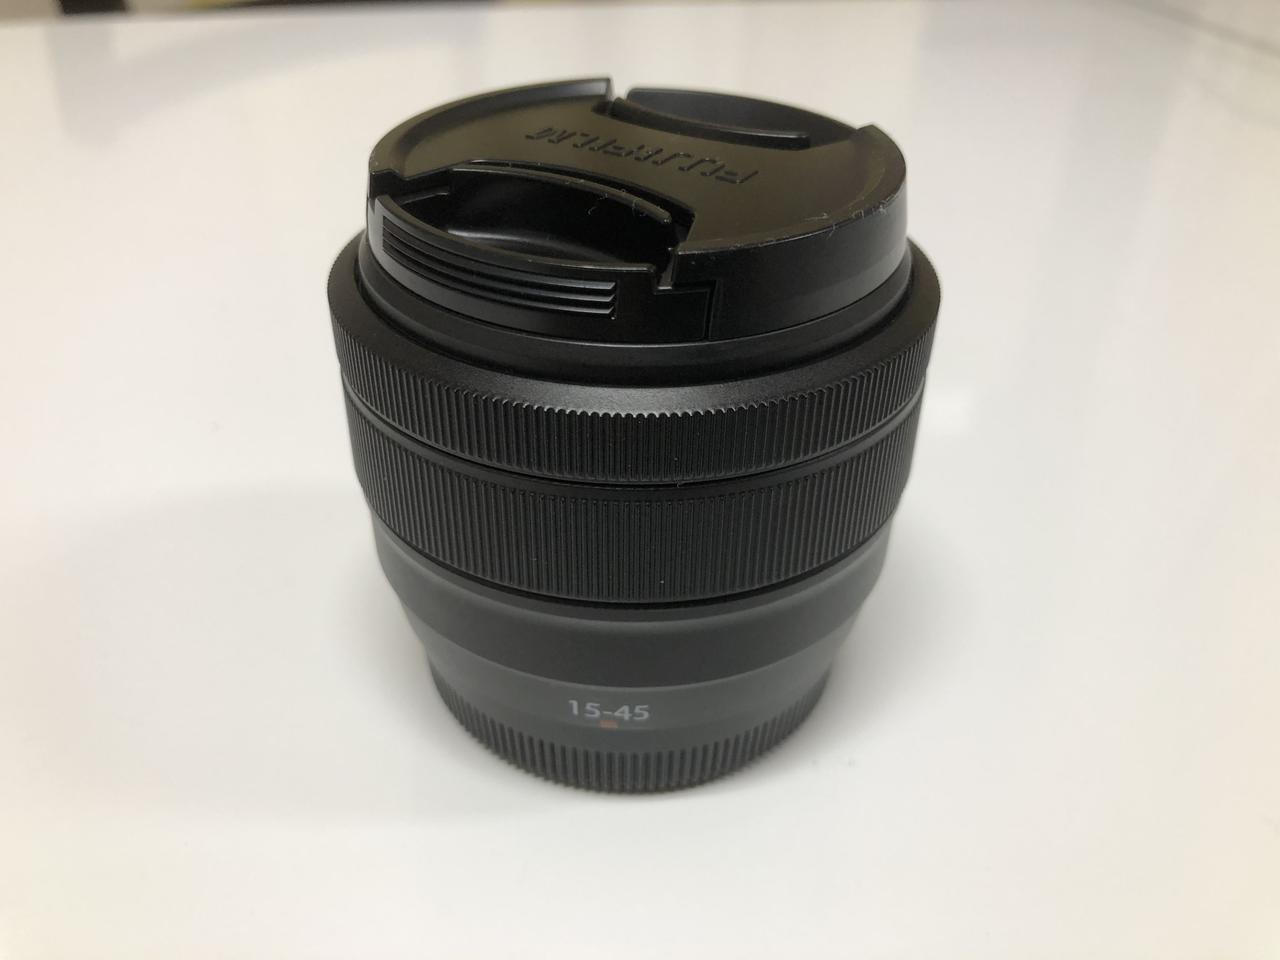 画像: 標準ズームレンズ FUJIFILM XC35mm F3.5-5.6